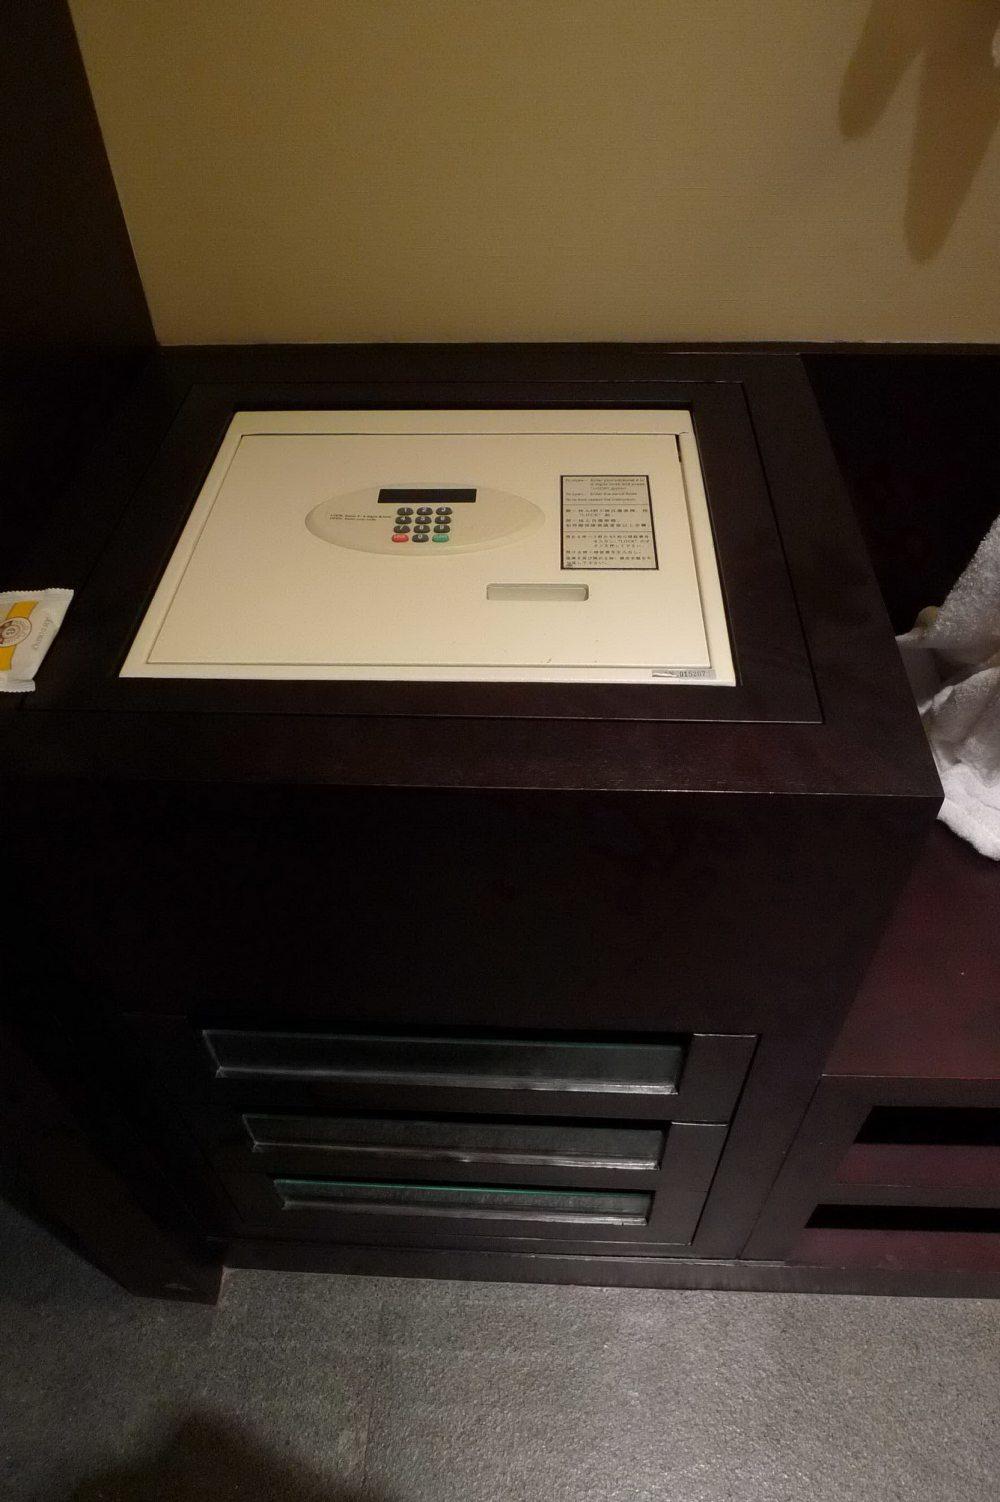 云南丽江铂尔曼渡假酒店(Lijiang Pullman Hotel)(CCD)(第8页更新)_P1010719.jpg